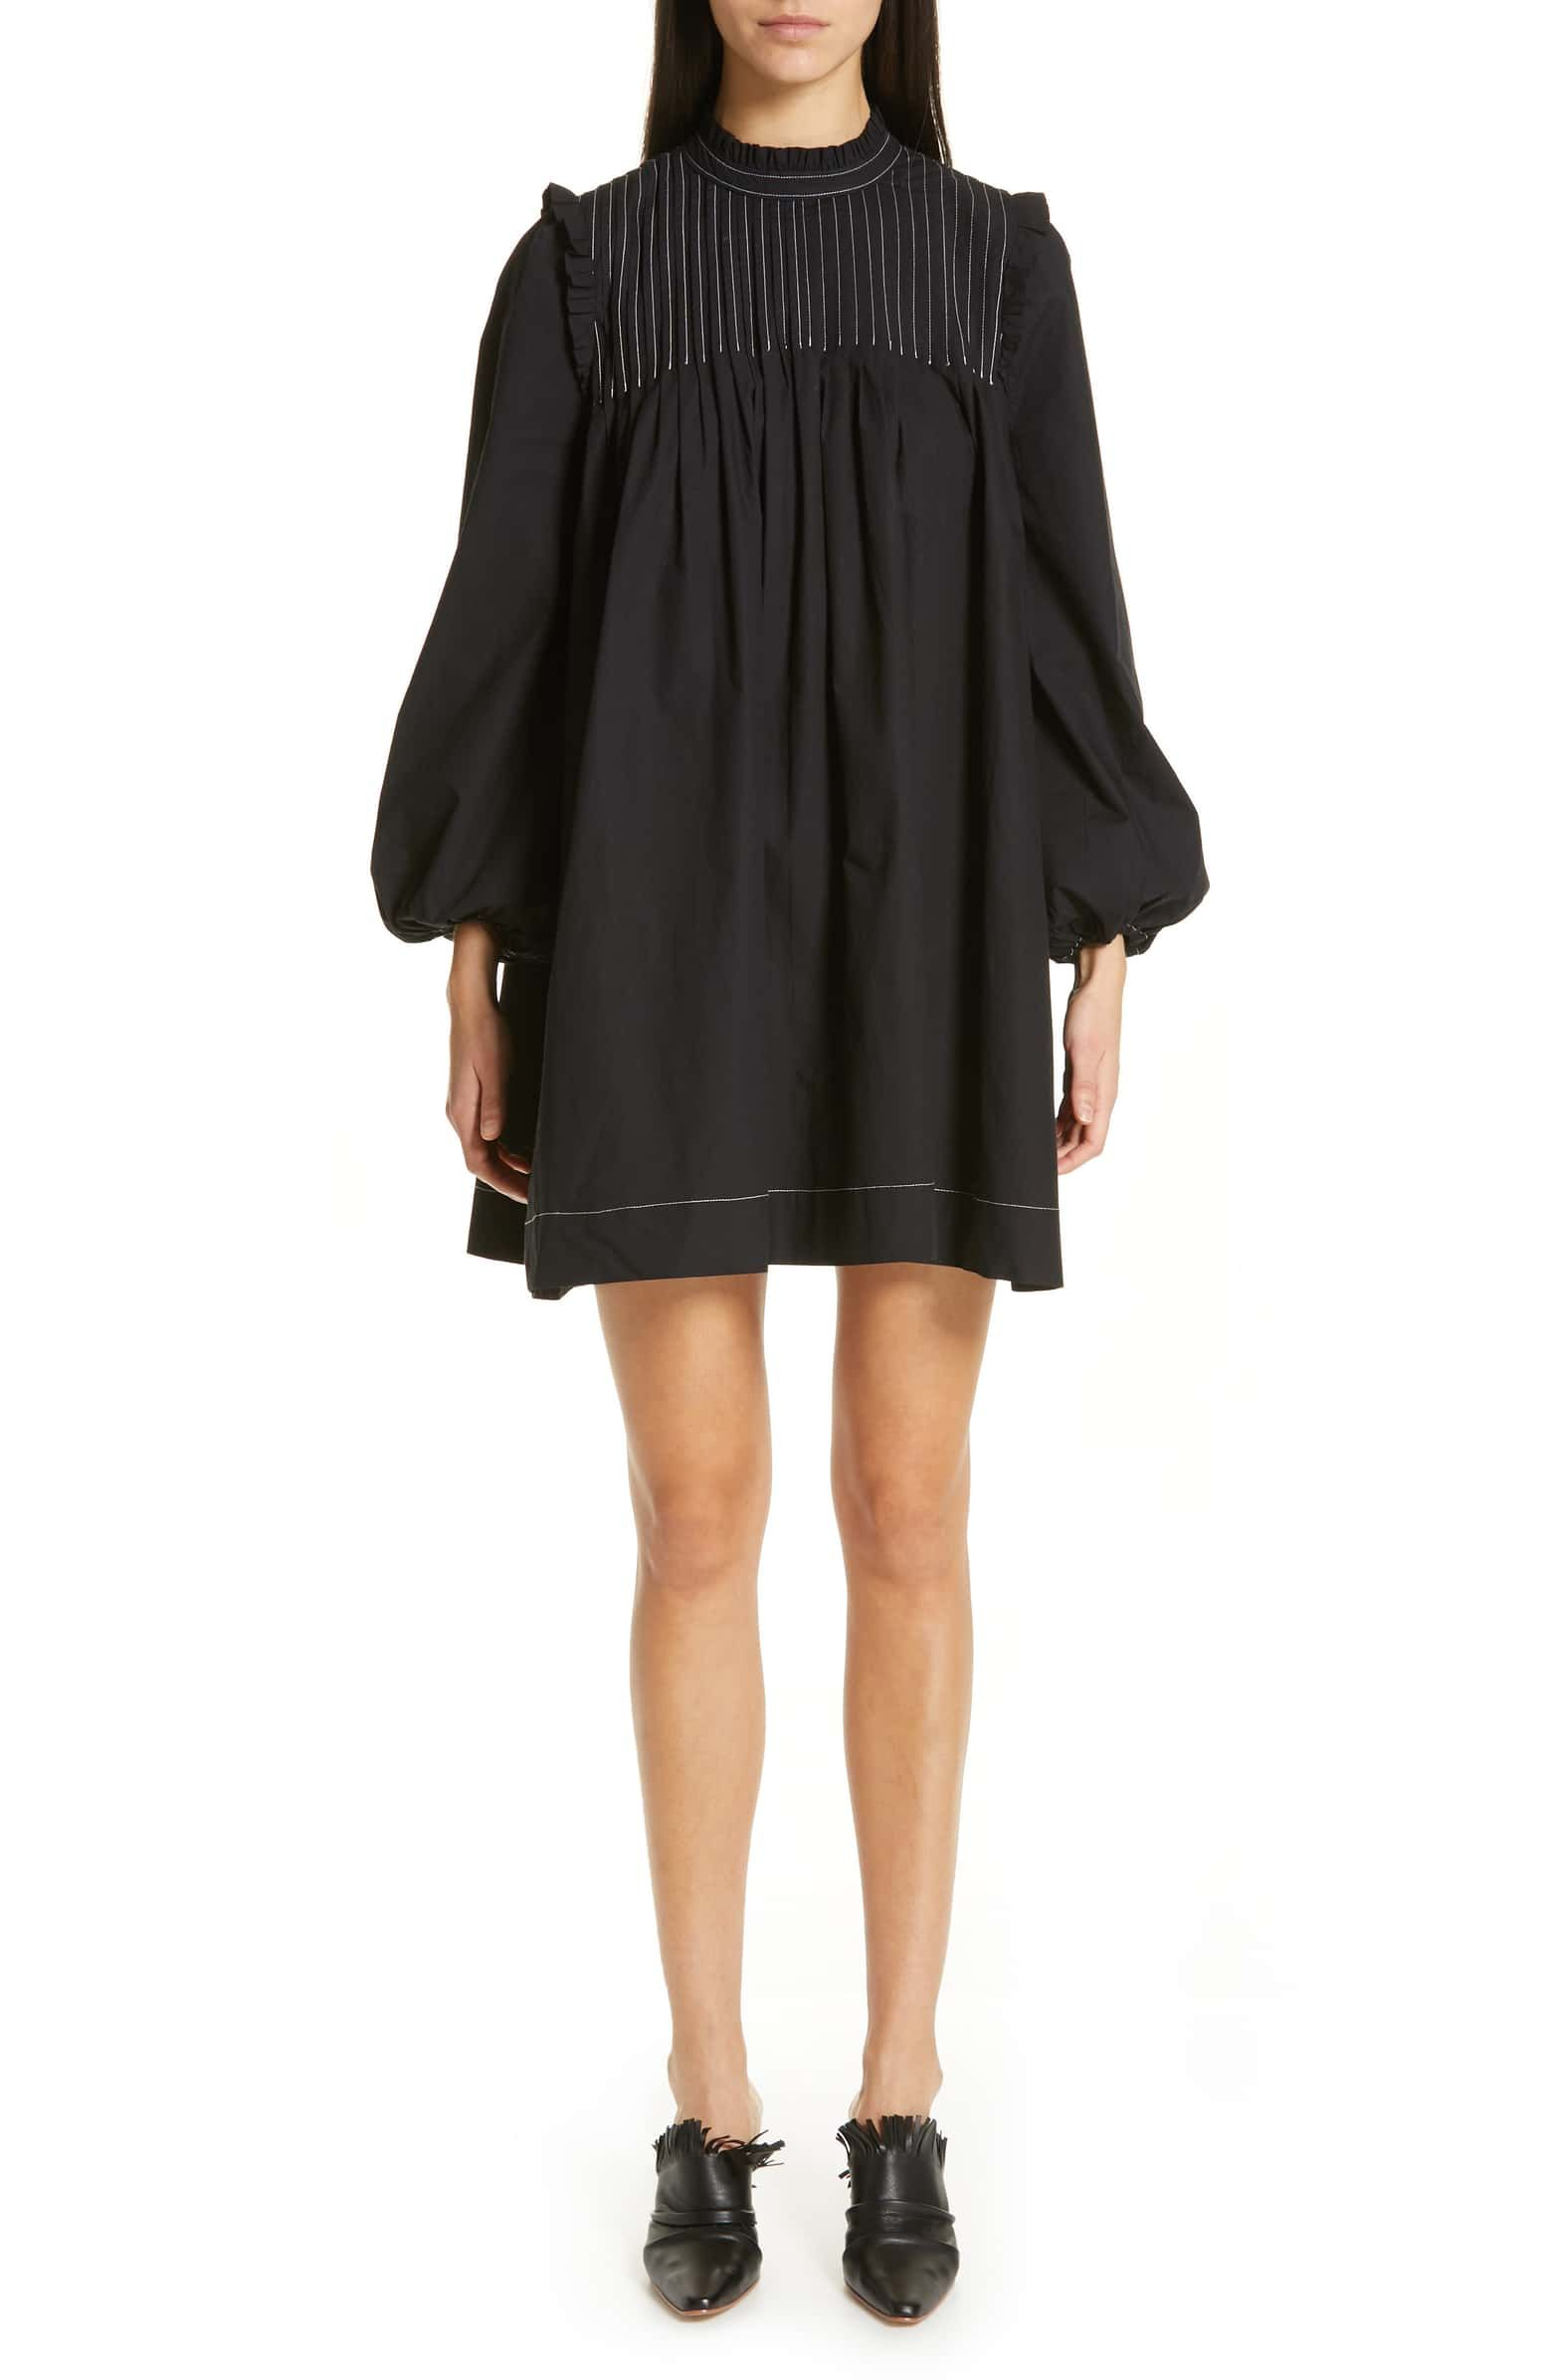 Ganni Cotton Poplin Minidress Nordstrom Black Long Sleeve Mini Dress Cotton Poplin Long Sleeve Mini Dress [ 2392 x 1560 Pixel ]